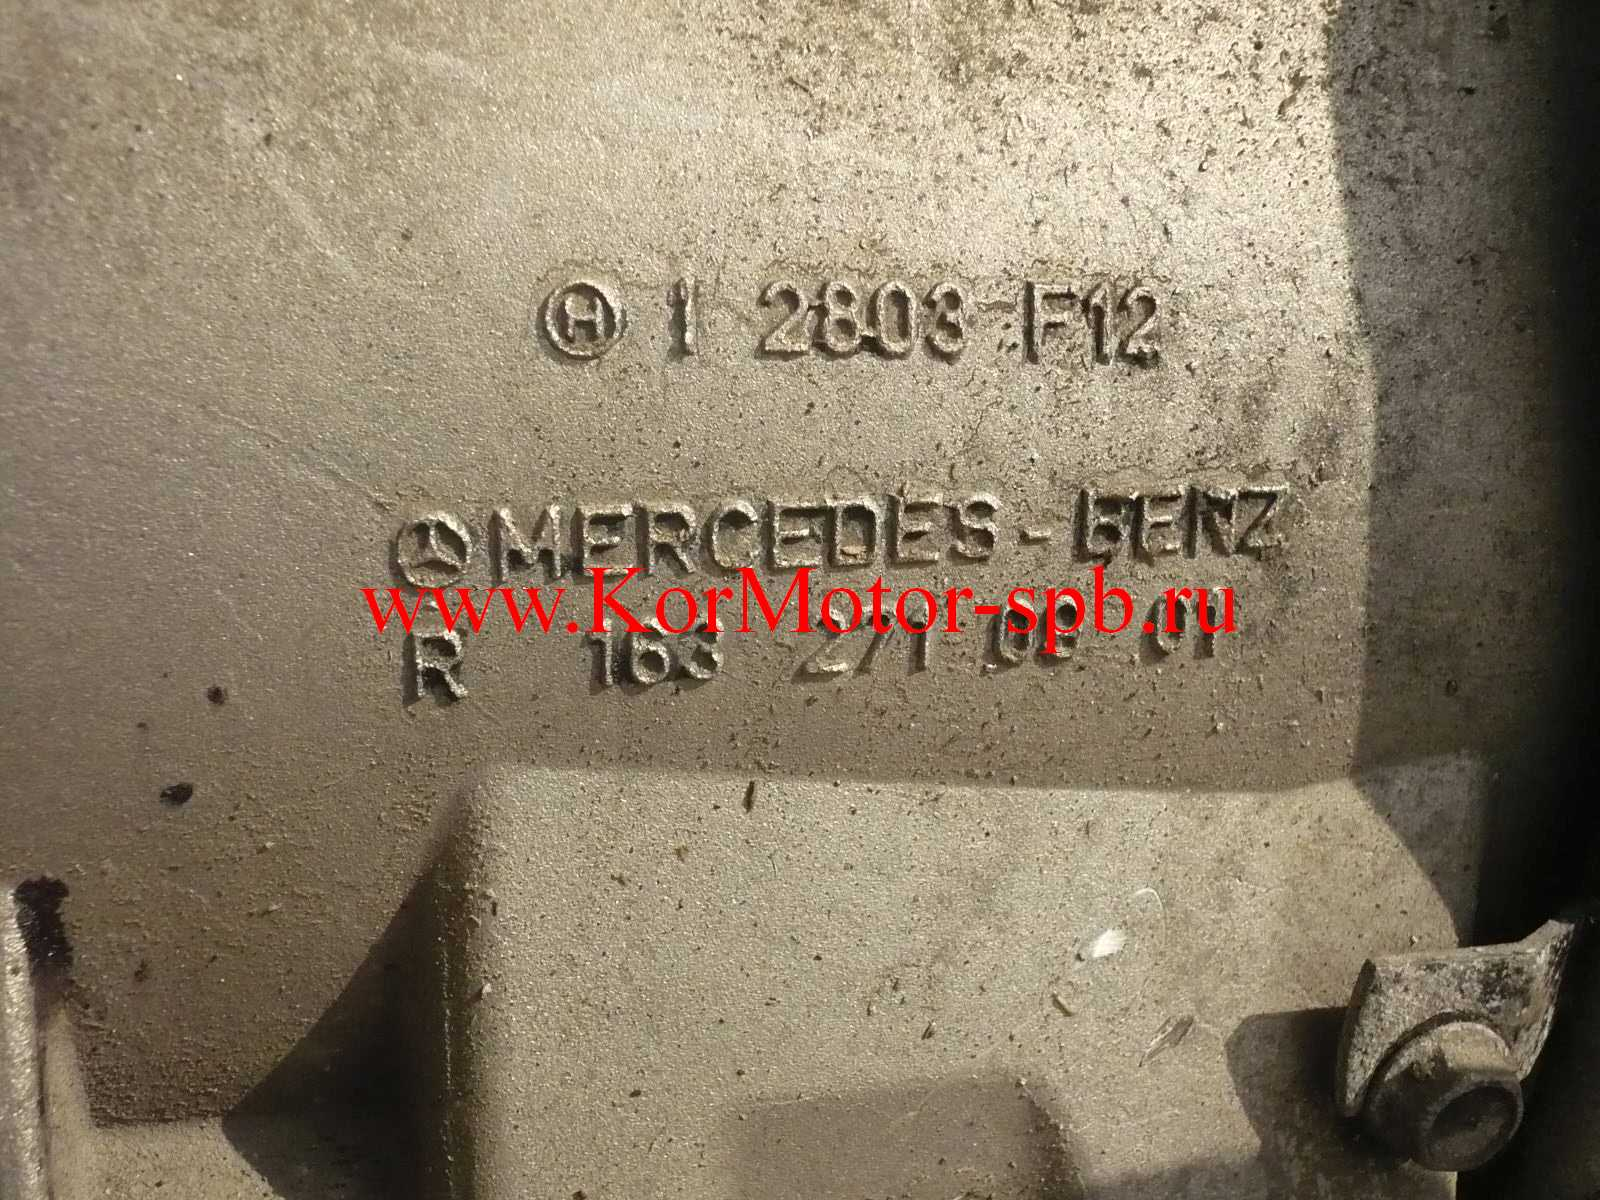 Купить автомат SsangYong MB R 1632710901 7202703000, 7202703100, 7202700300, 7202700300, 7202701200